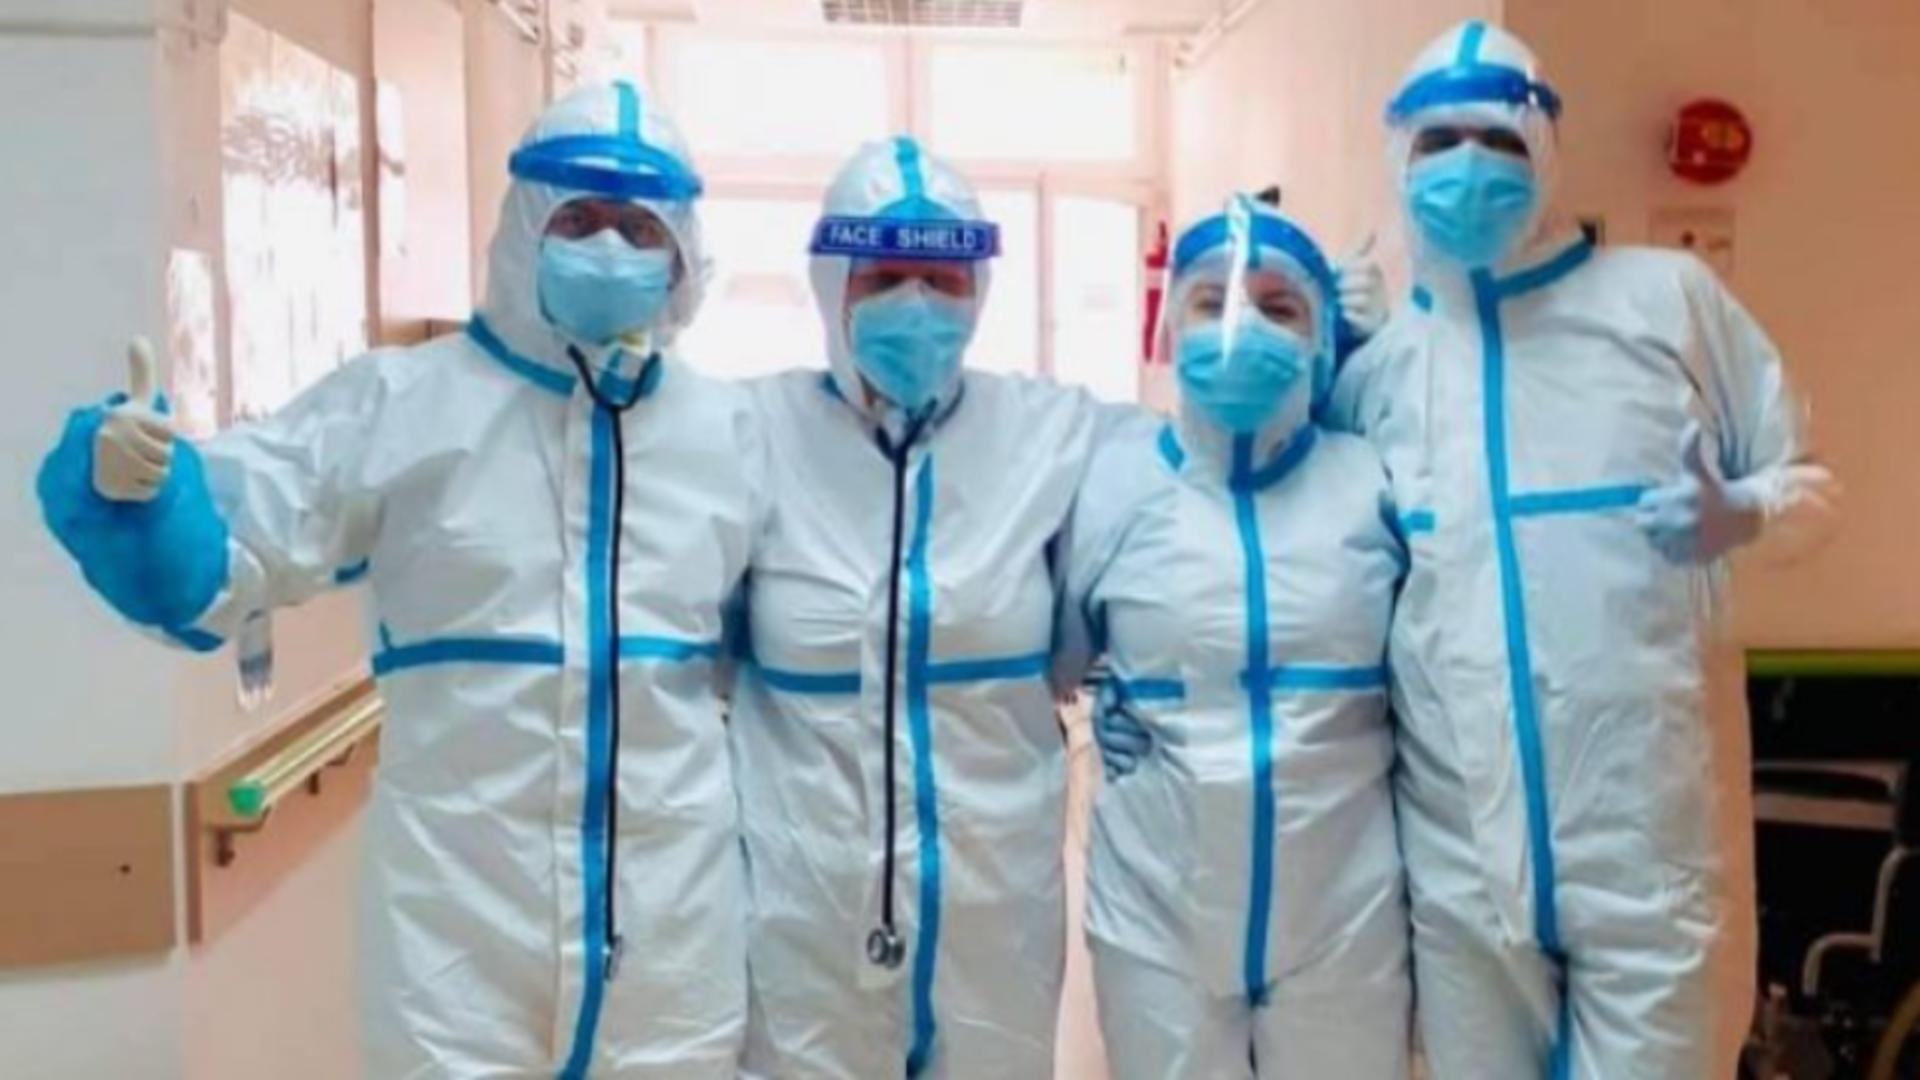 Medicul Teodora Iacob de la Clinica de Boli Infecțioase Cluj și colegii săi / Captură foto Foaia Transilvană